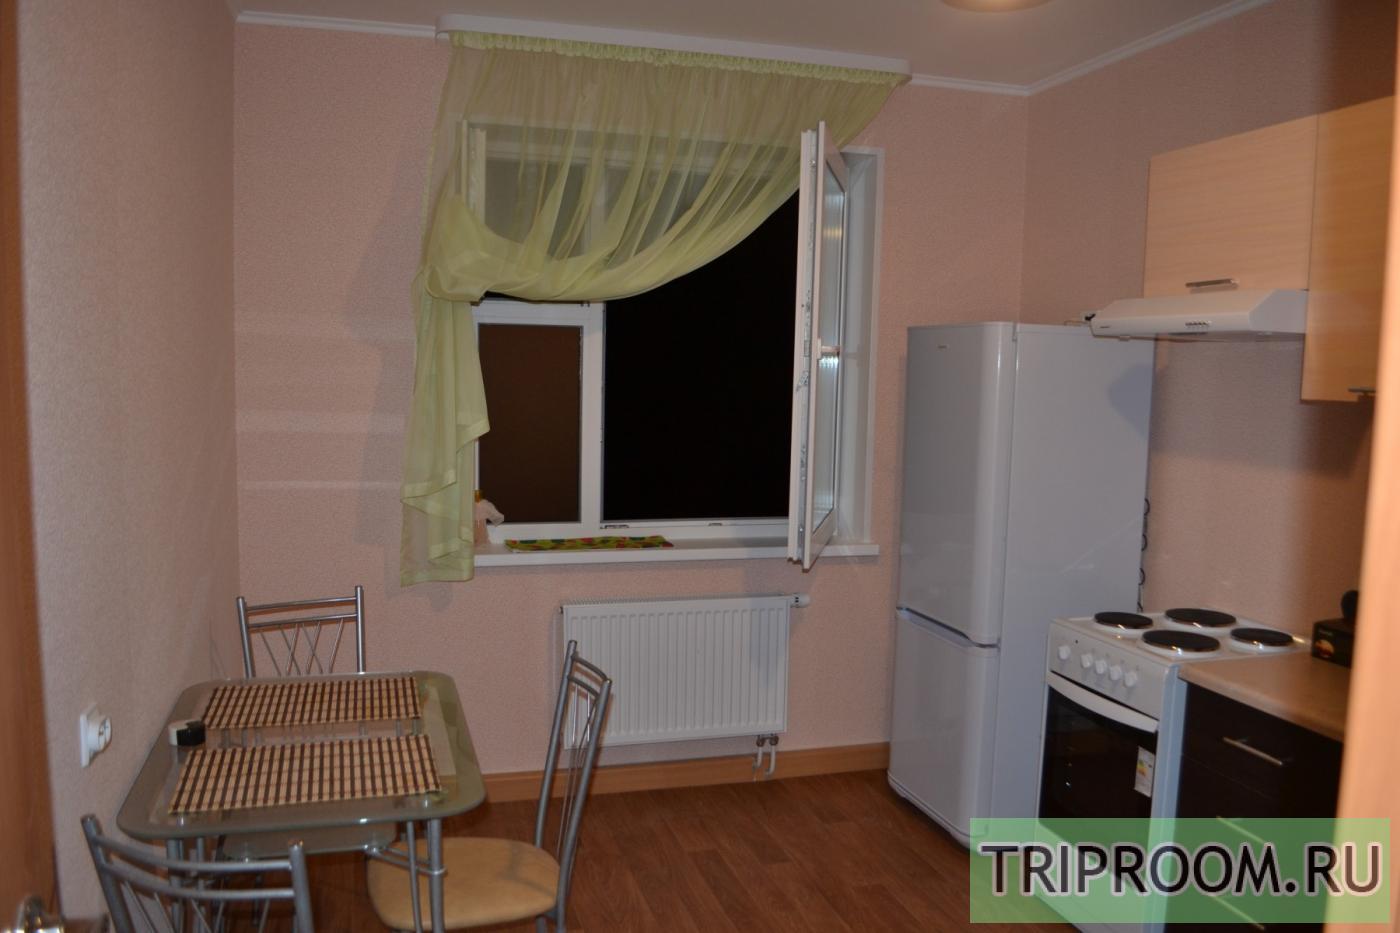 2-комнатная квартира посуточно (вариант № 23174), ул. Овчинникова улица, фото № 8